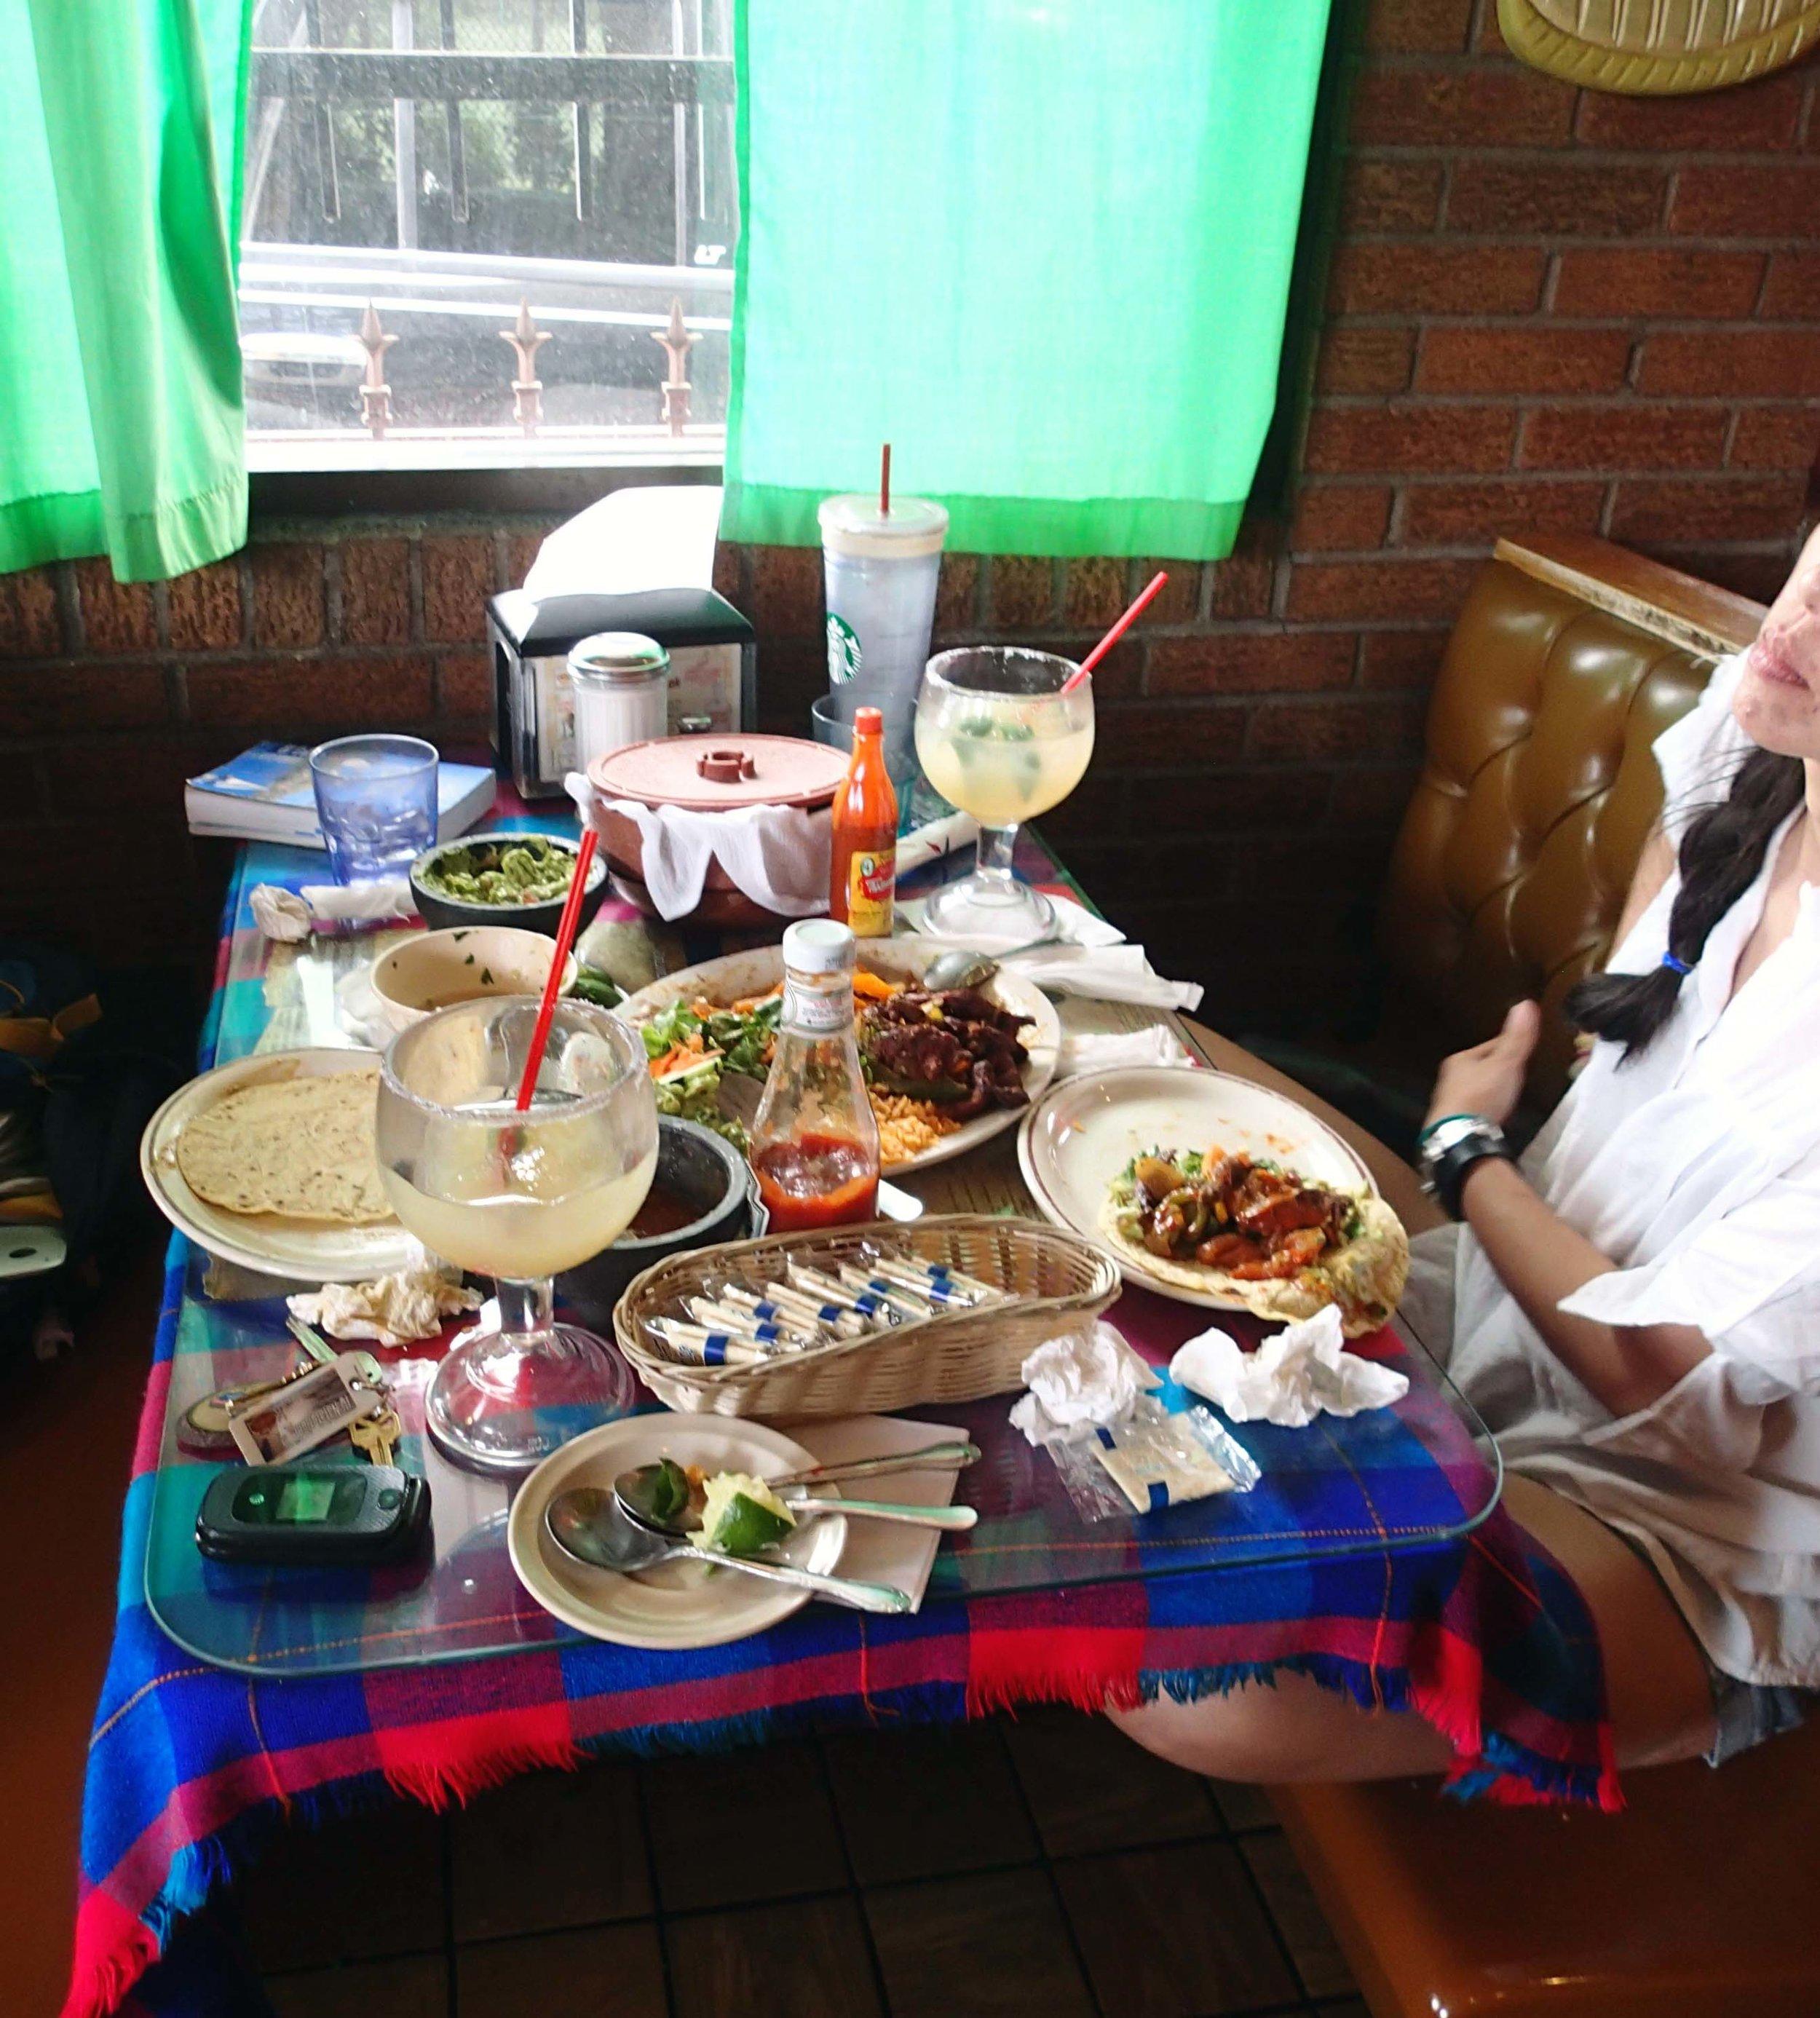 Manjares feast.jpg